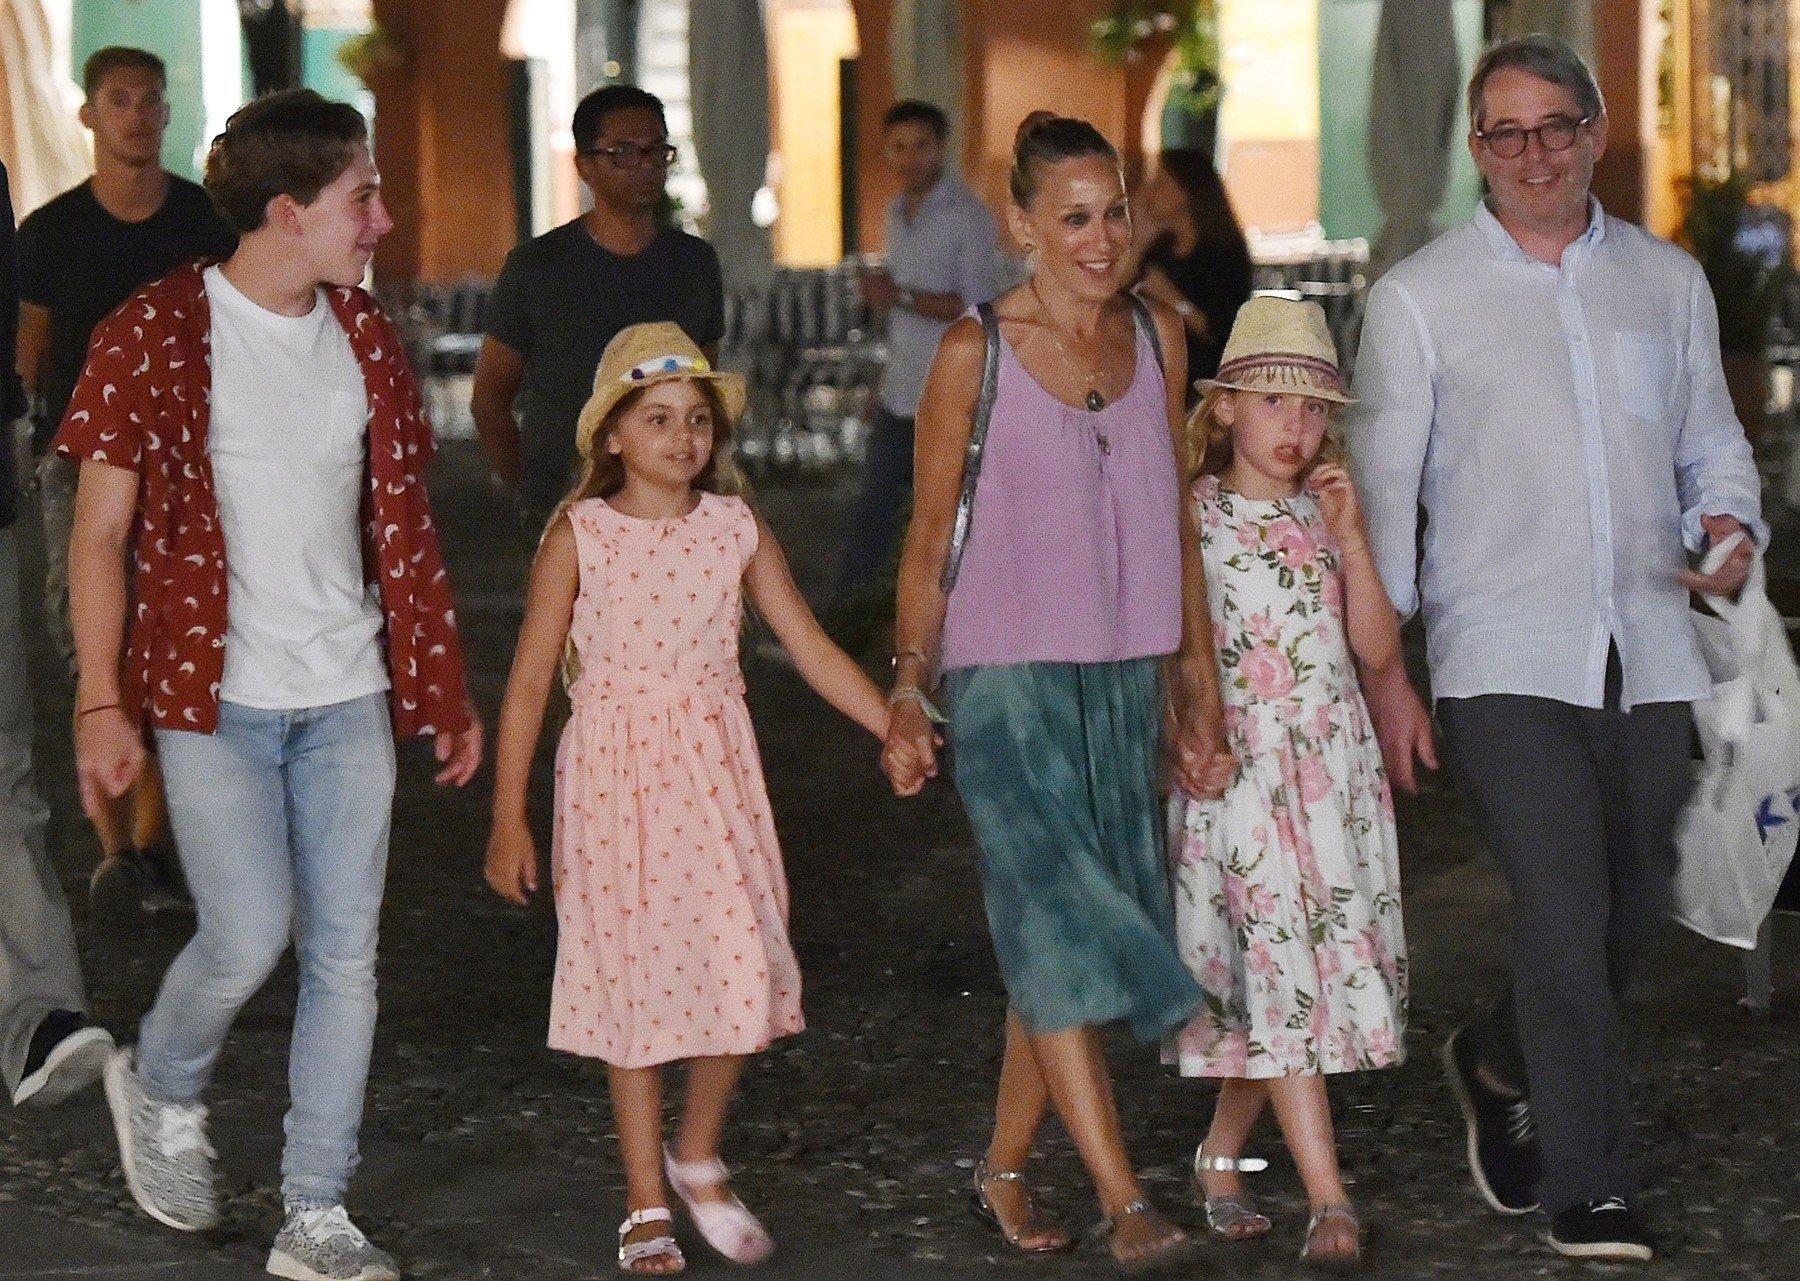 Glumački par Sarah Jessica Parker i Matthew Broderick odmaraju u Portofinu s cijelom obitelji: s blizankama Tabithom i Marion te sinom Jamesom.